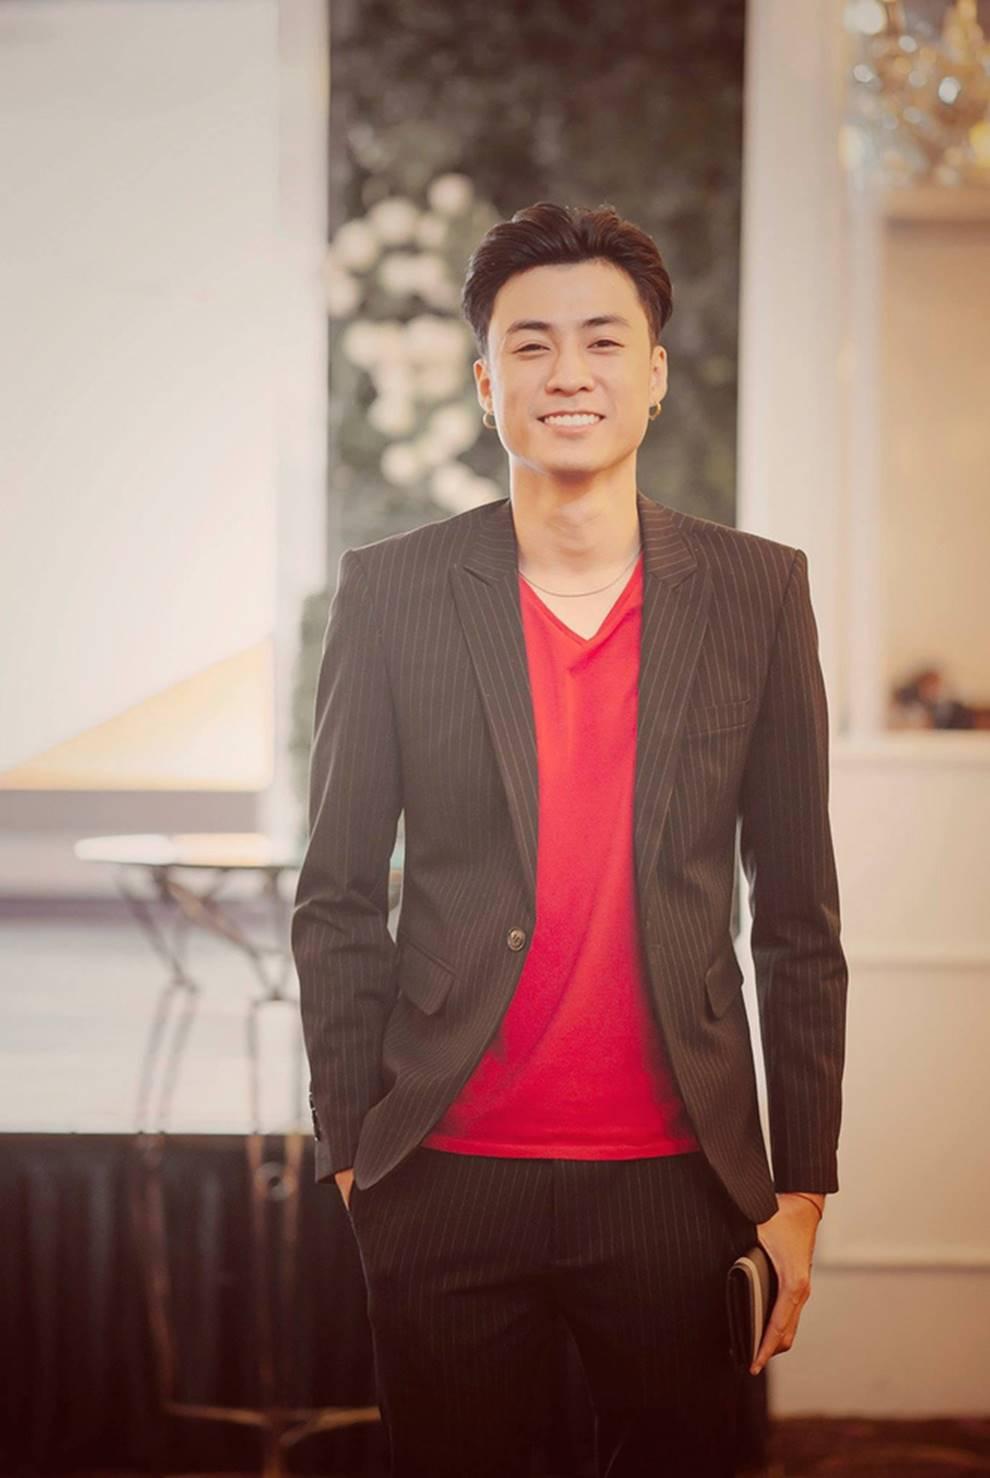 Dàn soái ca đến từ ĐH Kinh Công Hà Nội - ngôi trường được mệnh danh nhiều trai đẹp nhất Việt Nam-3